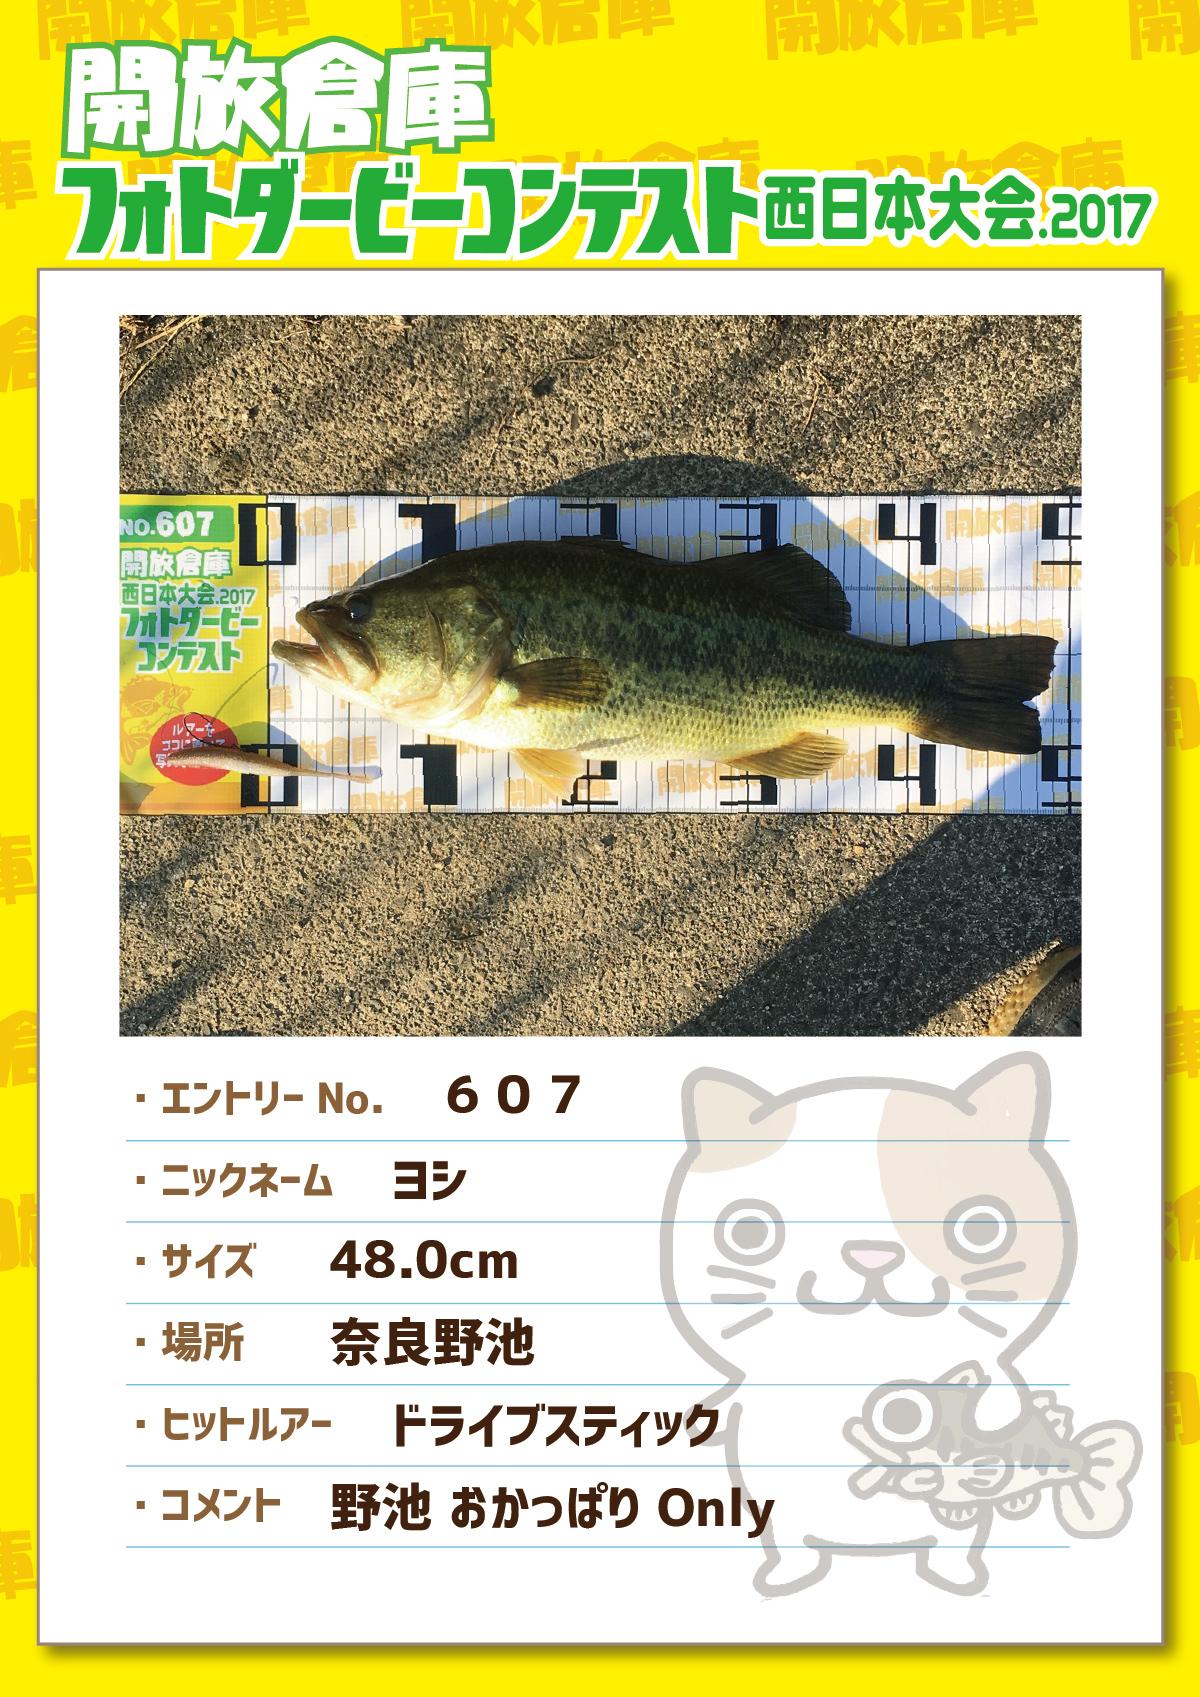 No.607 ヨシ 48.0cm 奈良野池 ドライブスティック 野池おかっぱ Only